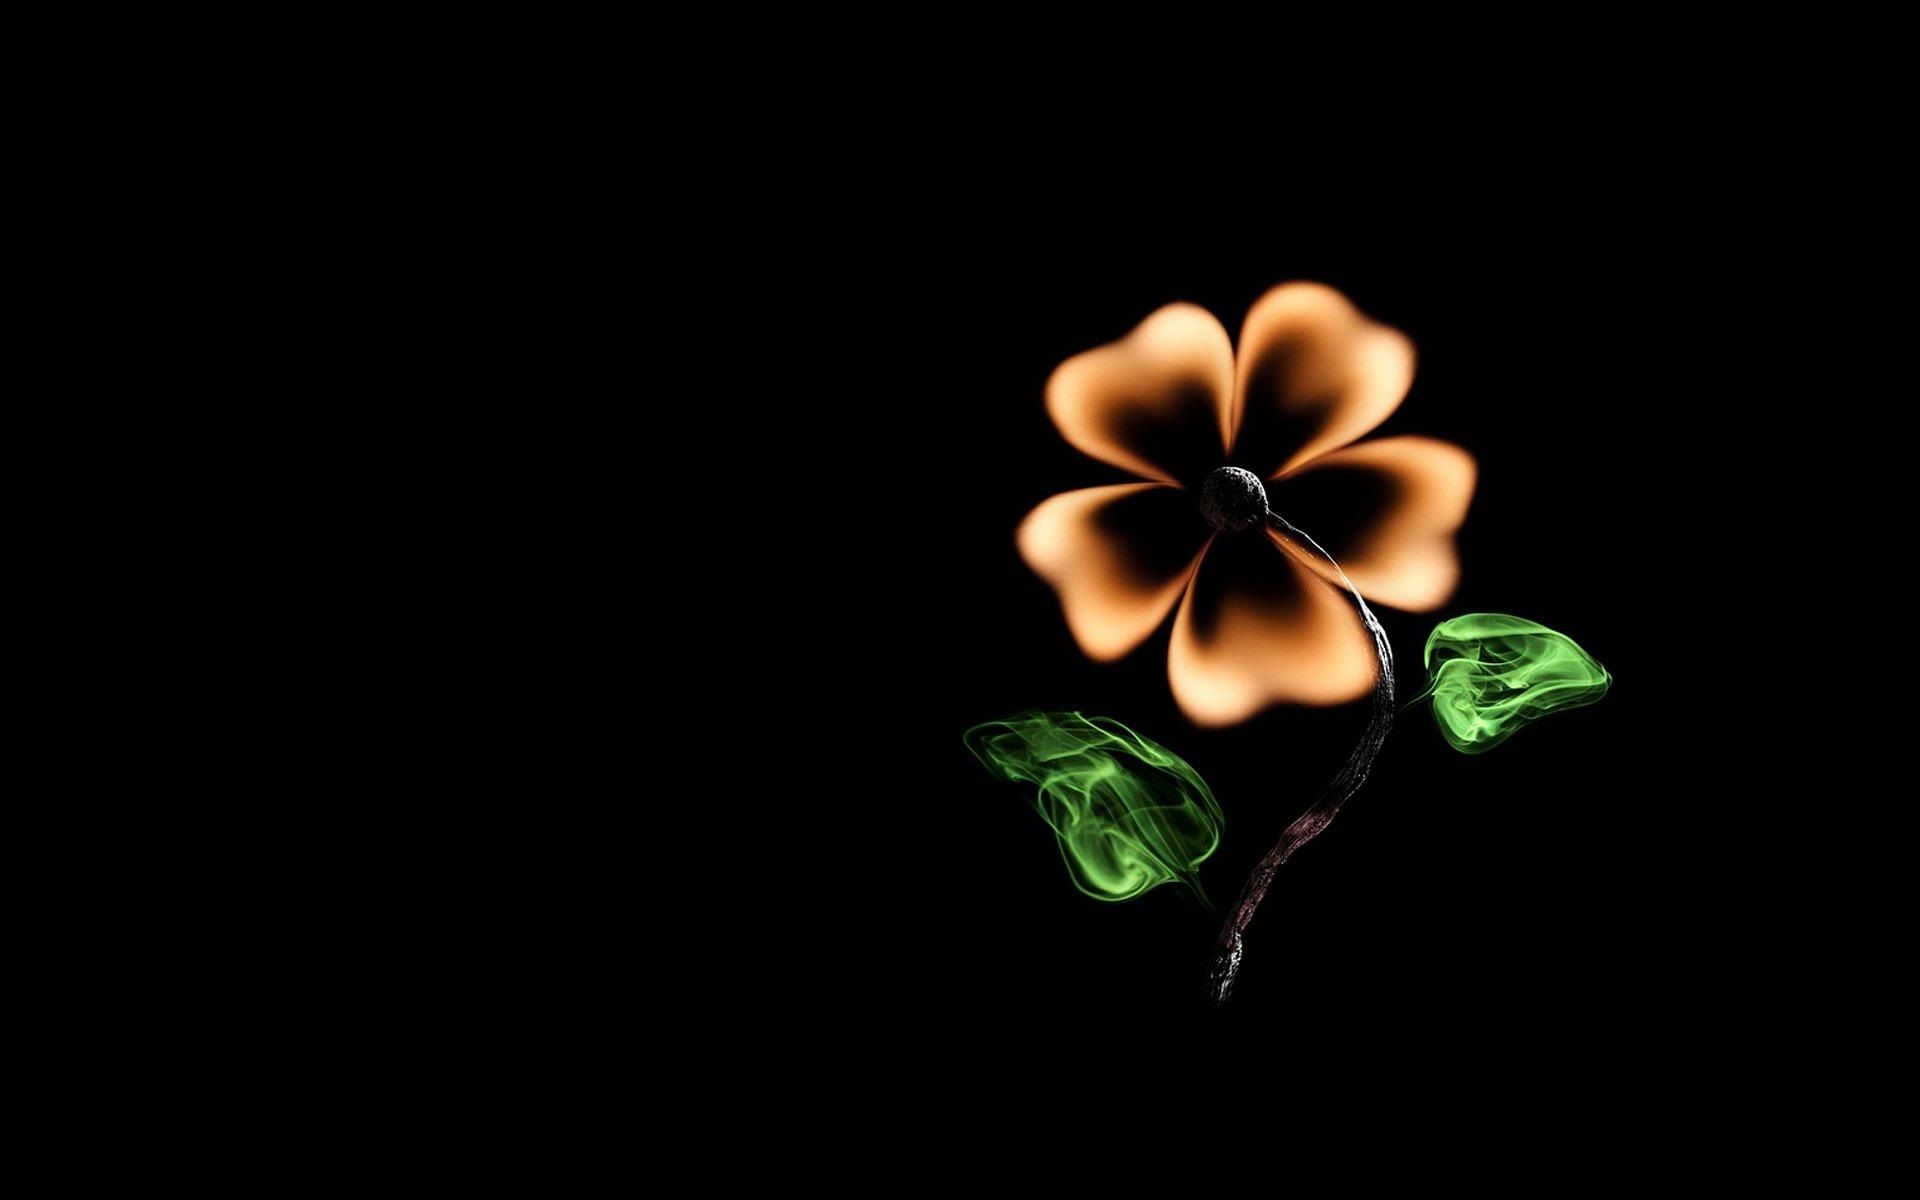 Обои для рабочего стола креативные цветы